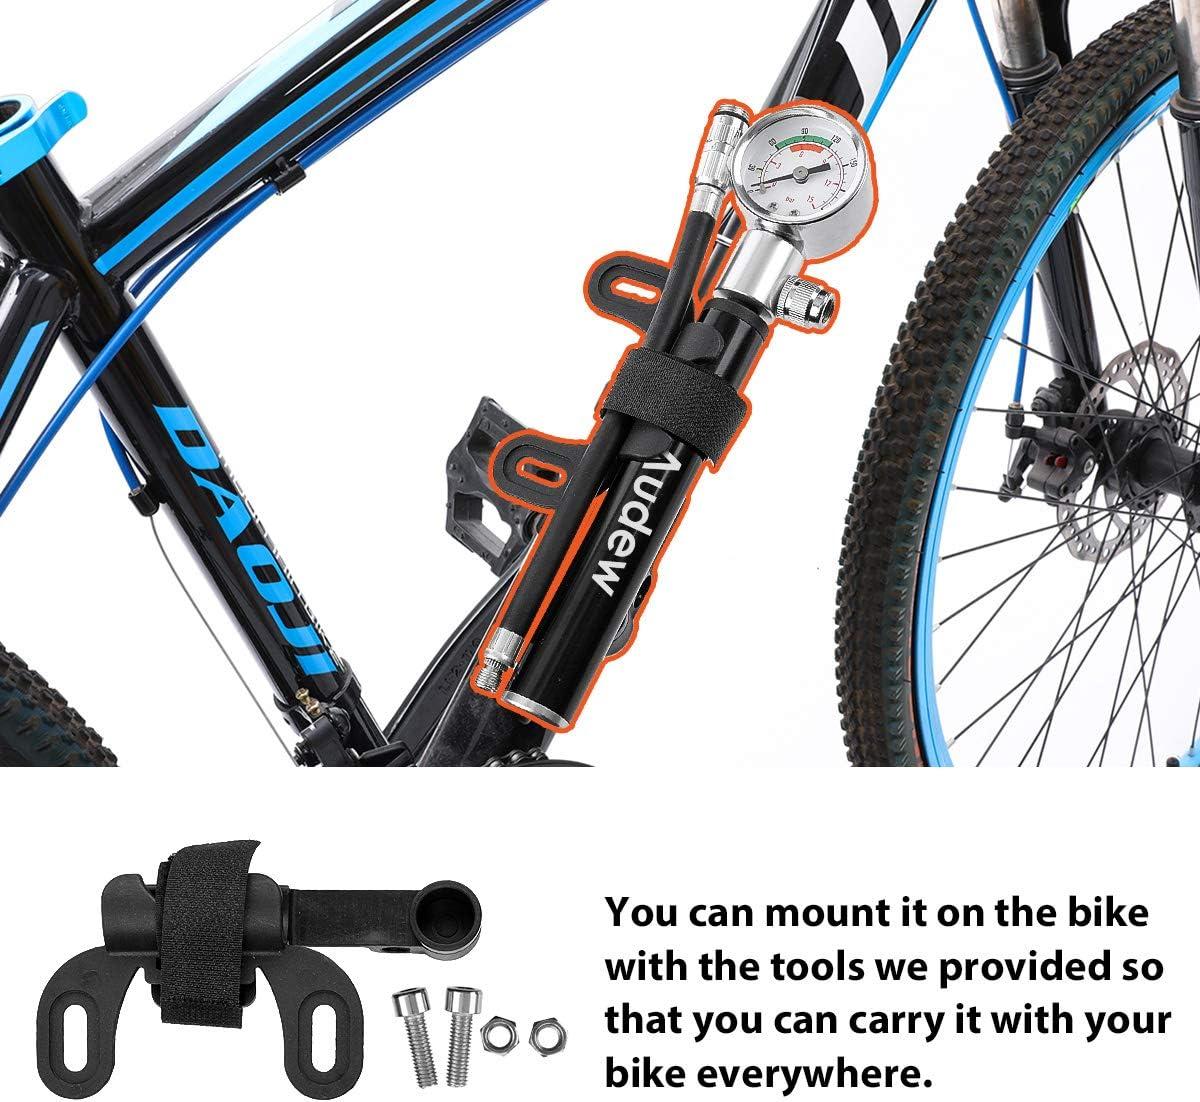 Delleu Bomba de Bicicleta Mini Bomba de Mano Bicicleta port/átil Bomba de Aire port/átil para Bicicleta de Carretera